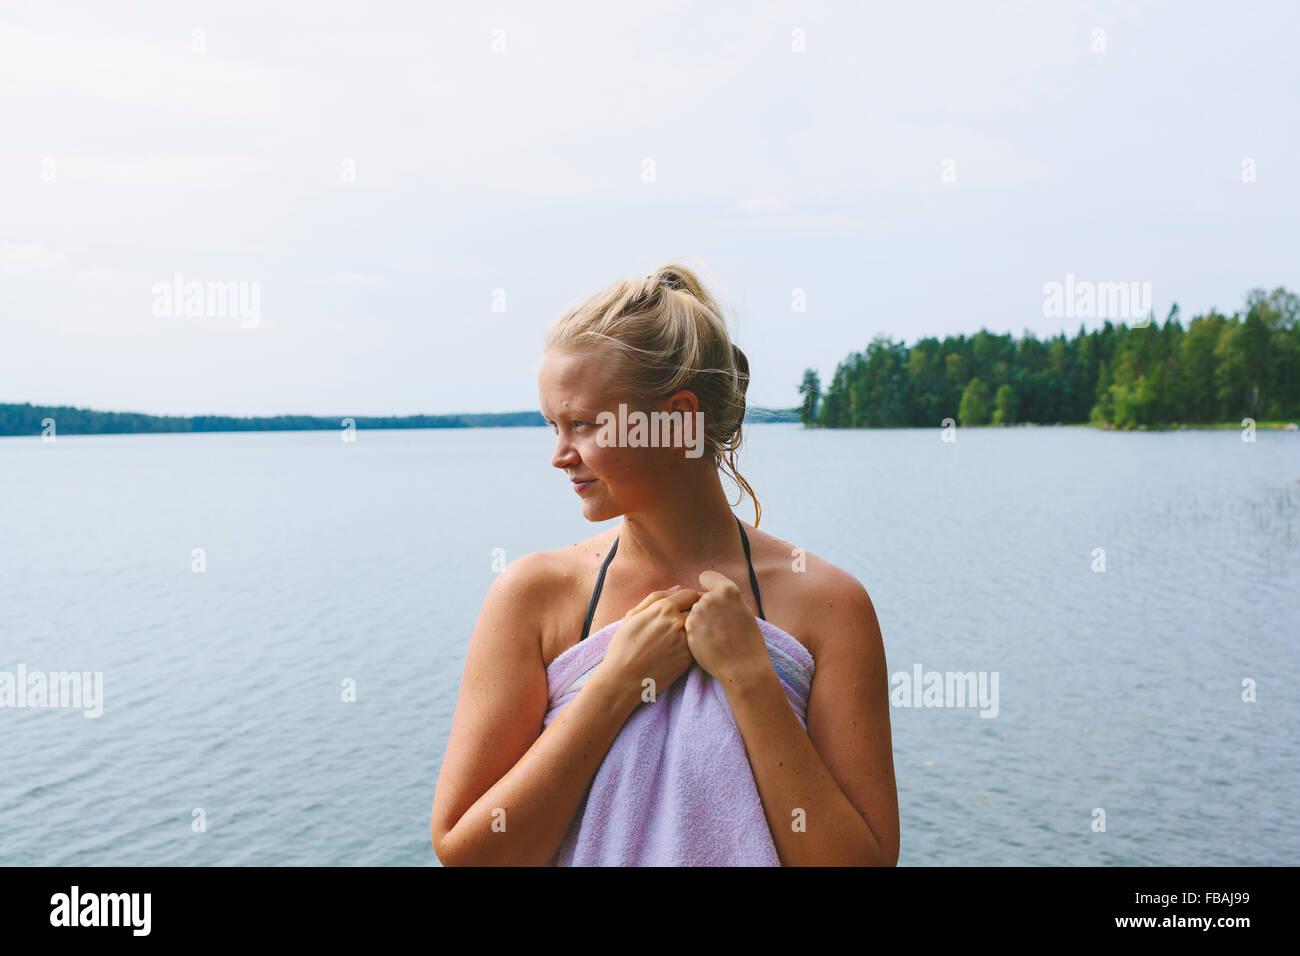 Finlandia, Pirkanmaa, Salmentaka, Lago Palkanevesi, Mujer envuelta en una toalla en el lago Imagen De Stock